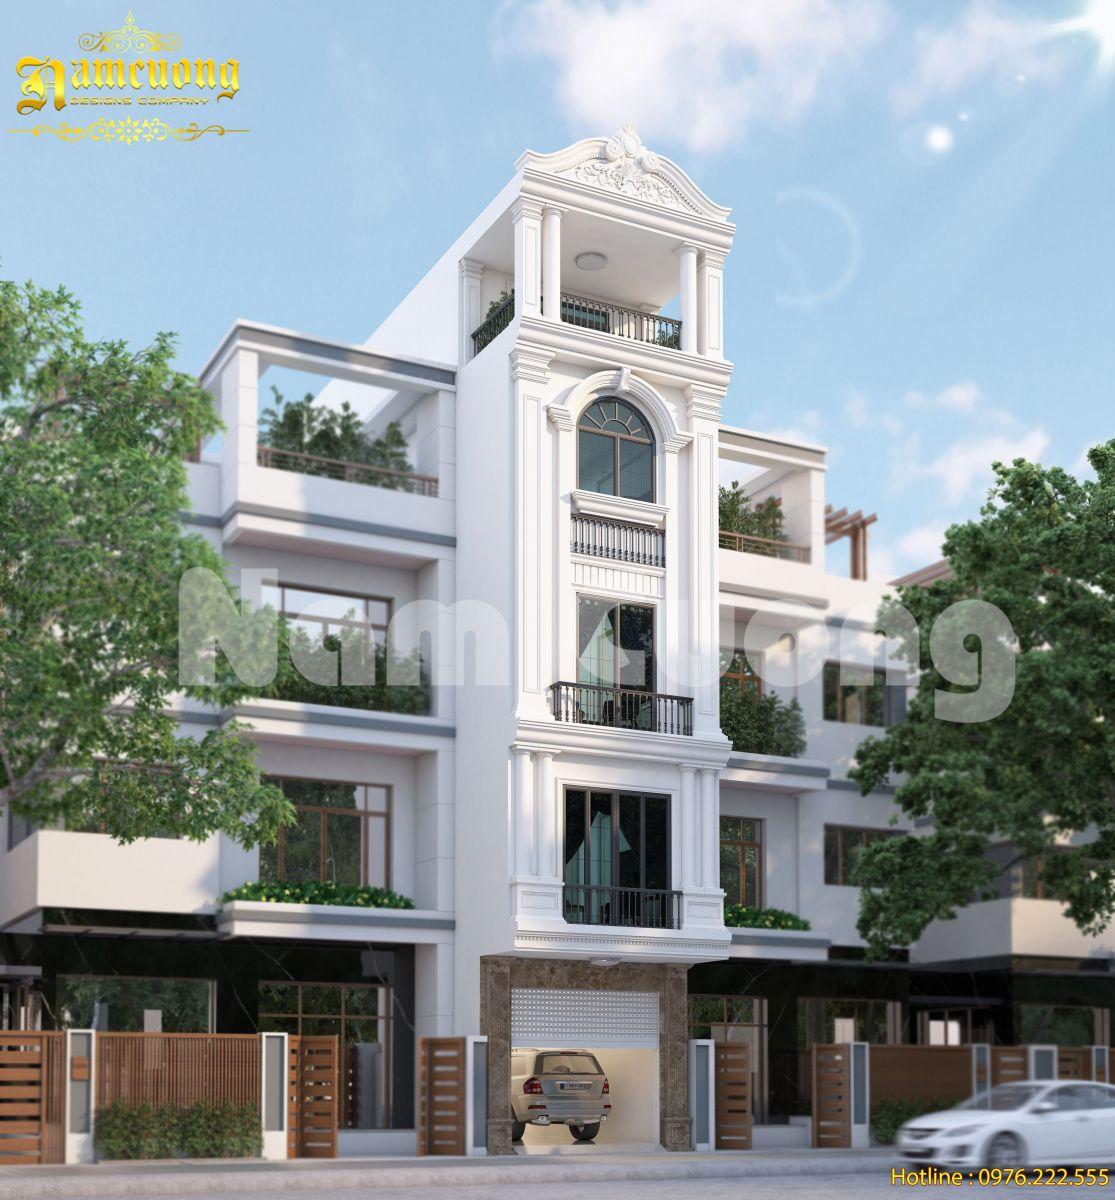 Thiết kế nhà đẹp- Nhà ống tân cổ điển 5 tầng